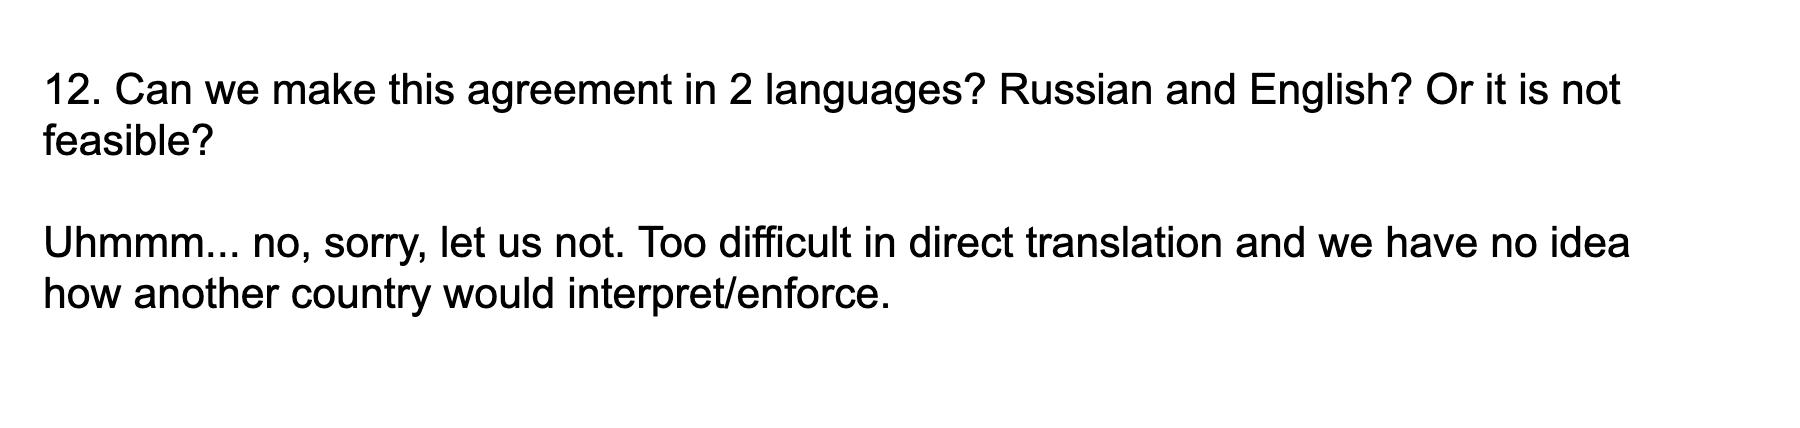 Адвокат отговорил подписывать договор на русском и английском языках из-за сложности перевода